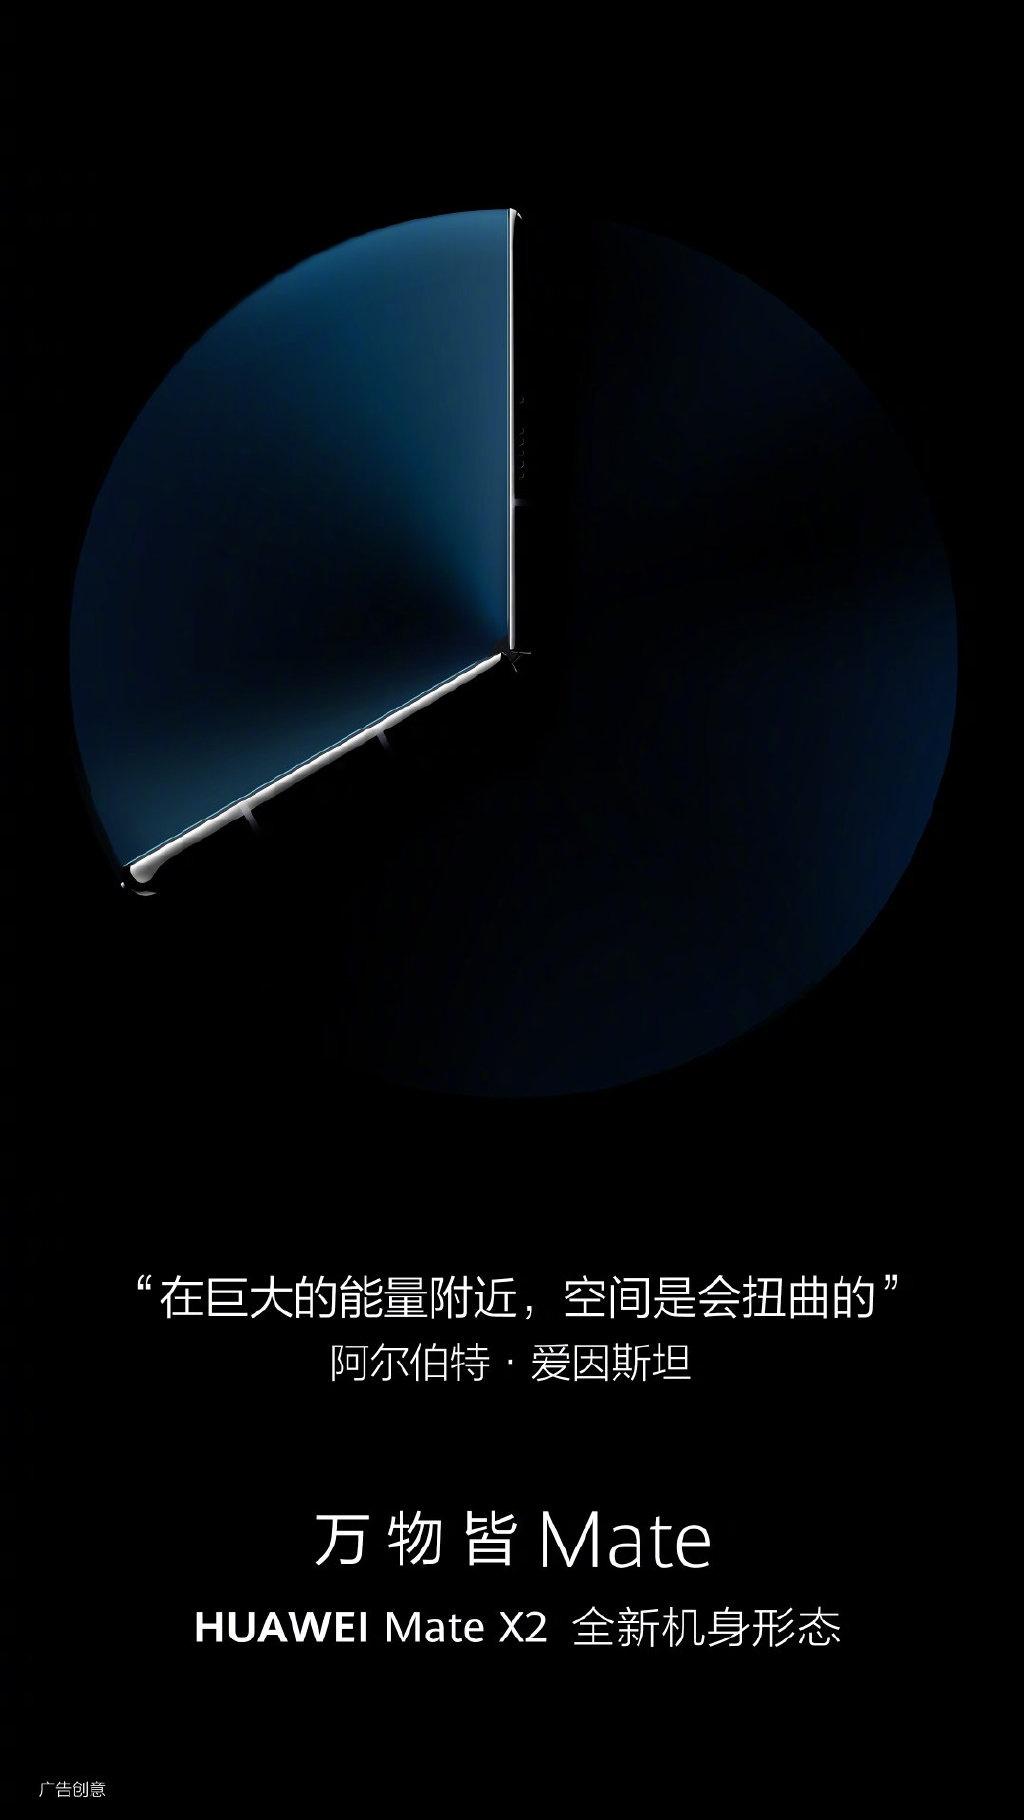 全新机身形态 华为公布Mate X2官方预热海报的照片 - 2